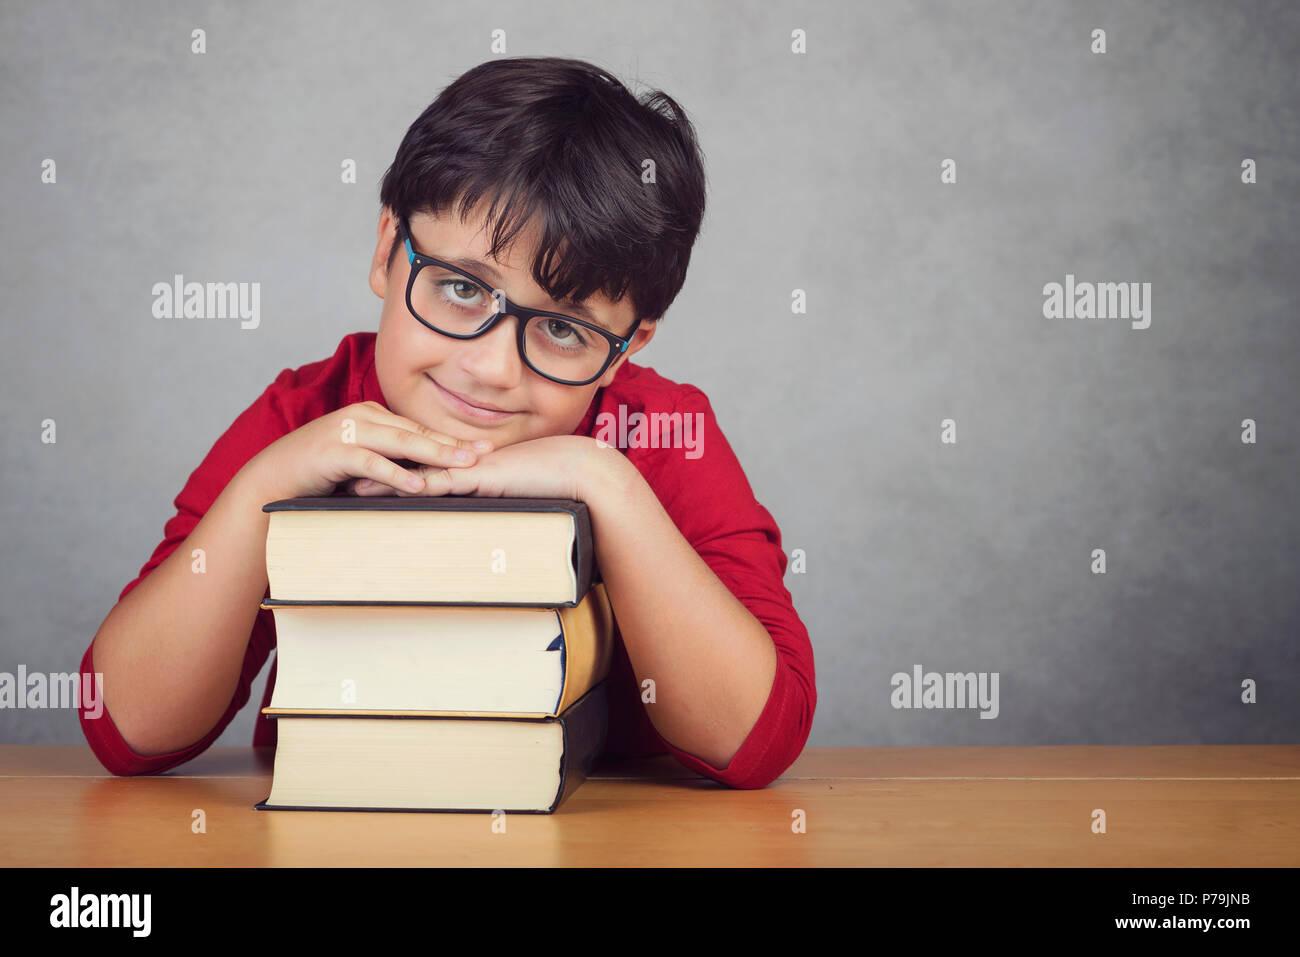 Niñito sonriente apoyado en libros sobre una mesa Imagen De Stock